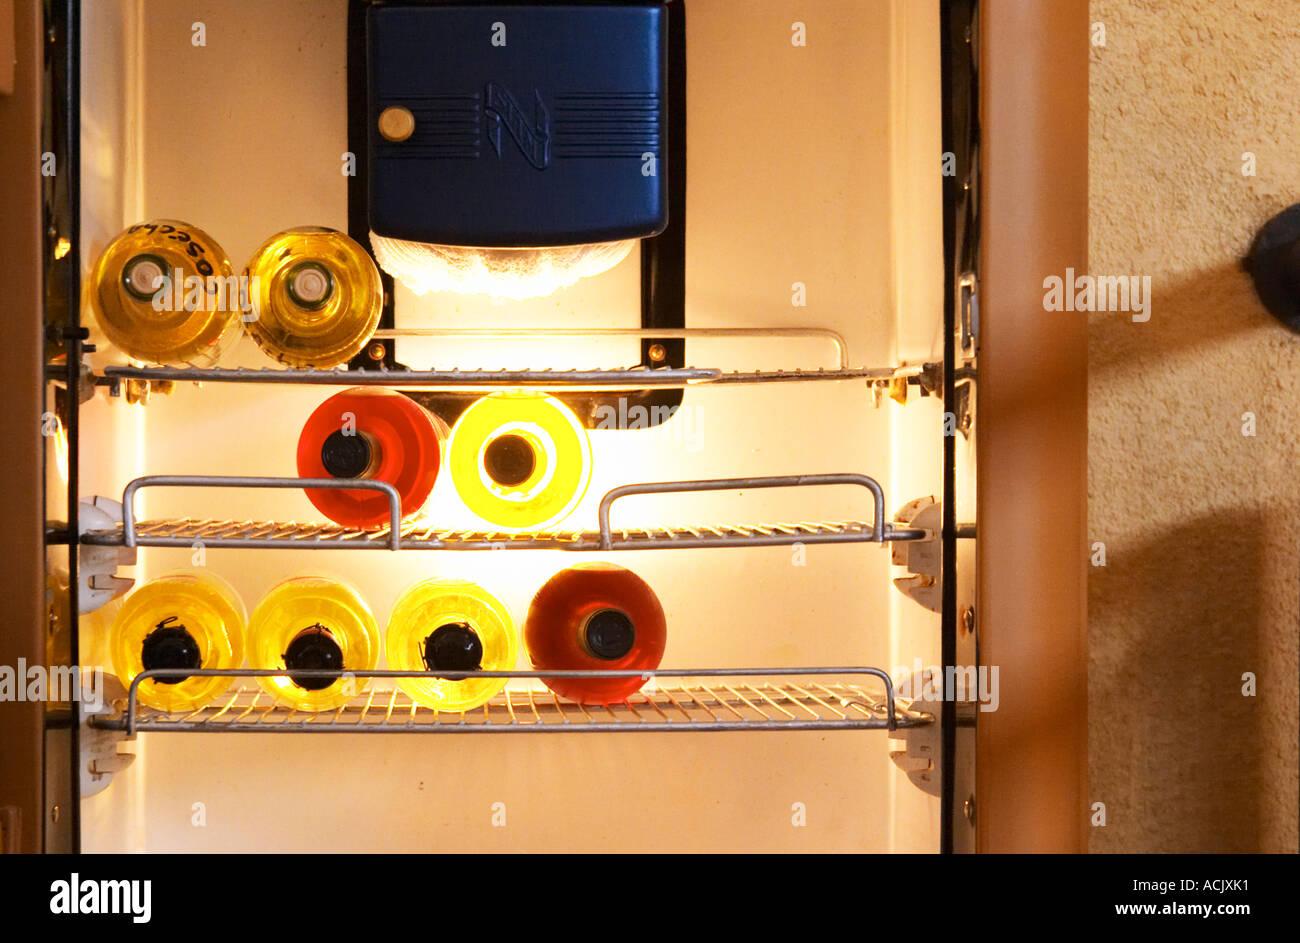 Amerikanischer Kühlschrank 50er Jahre : Amerikanischer kühlschrank rot ruby lentz